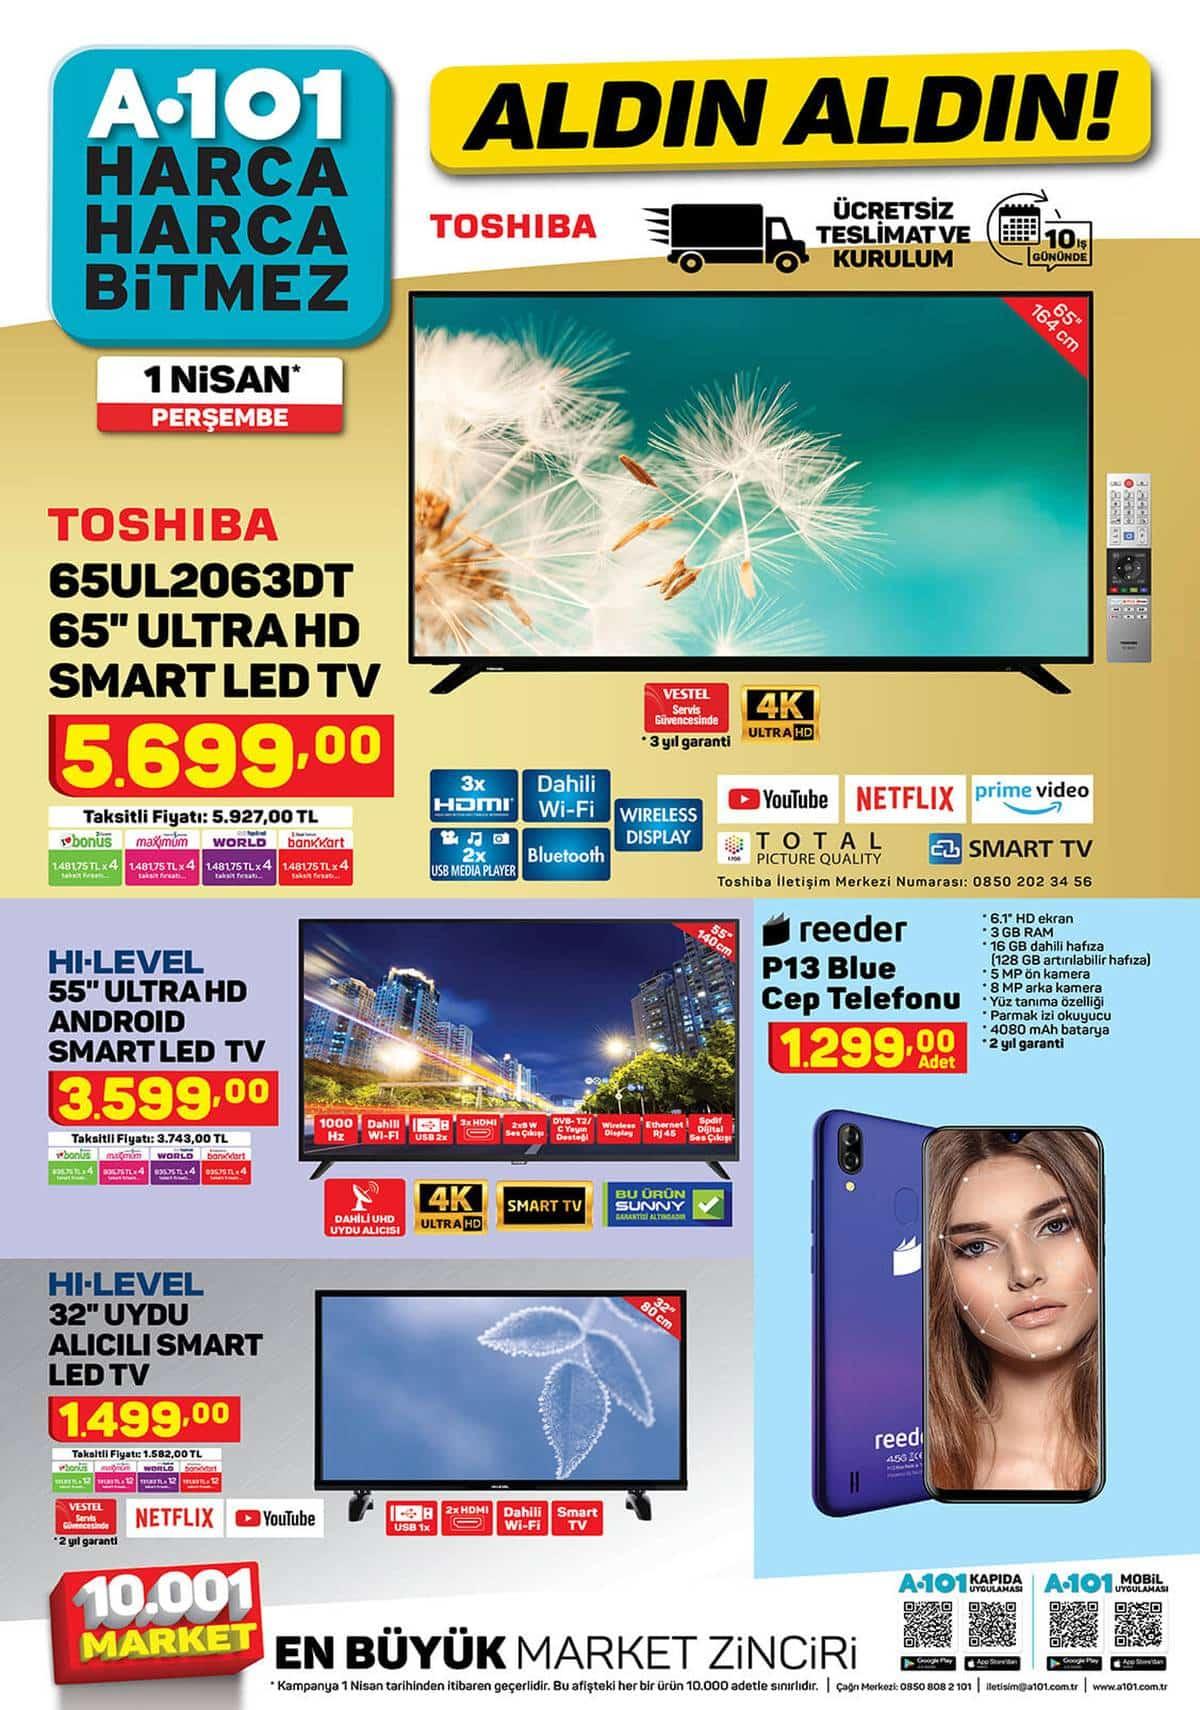 A101 1 Nisan televizyon